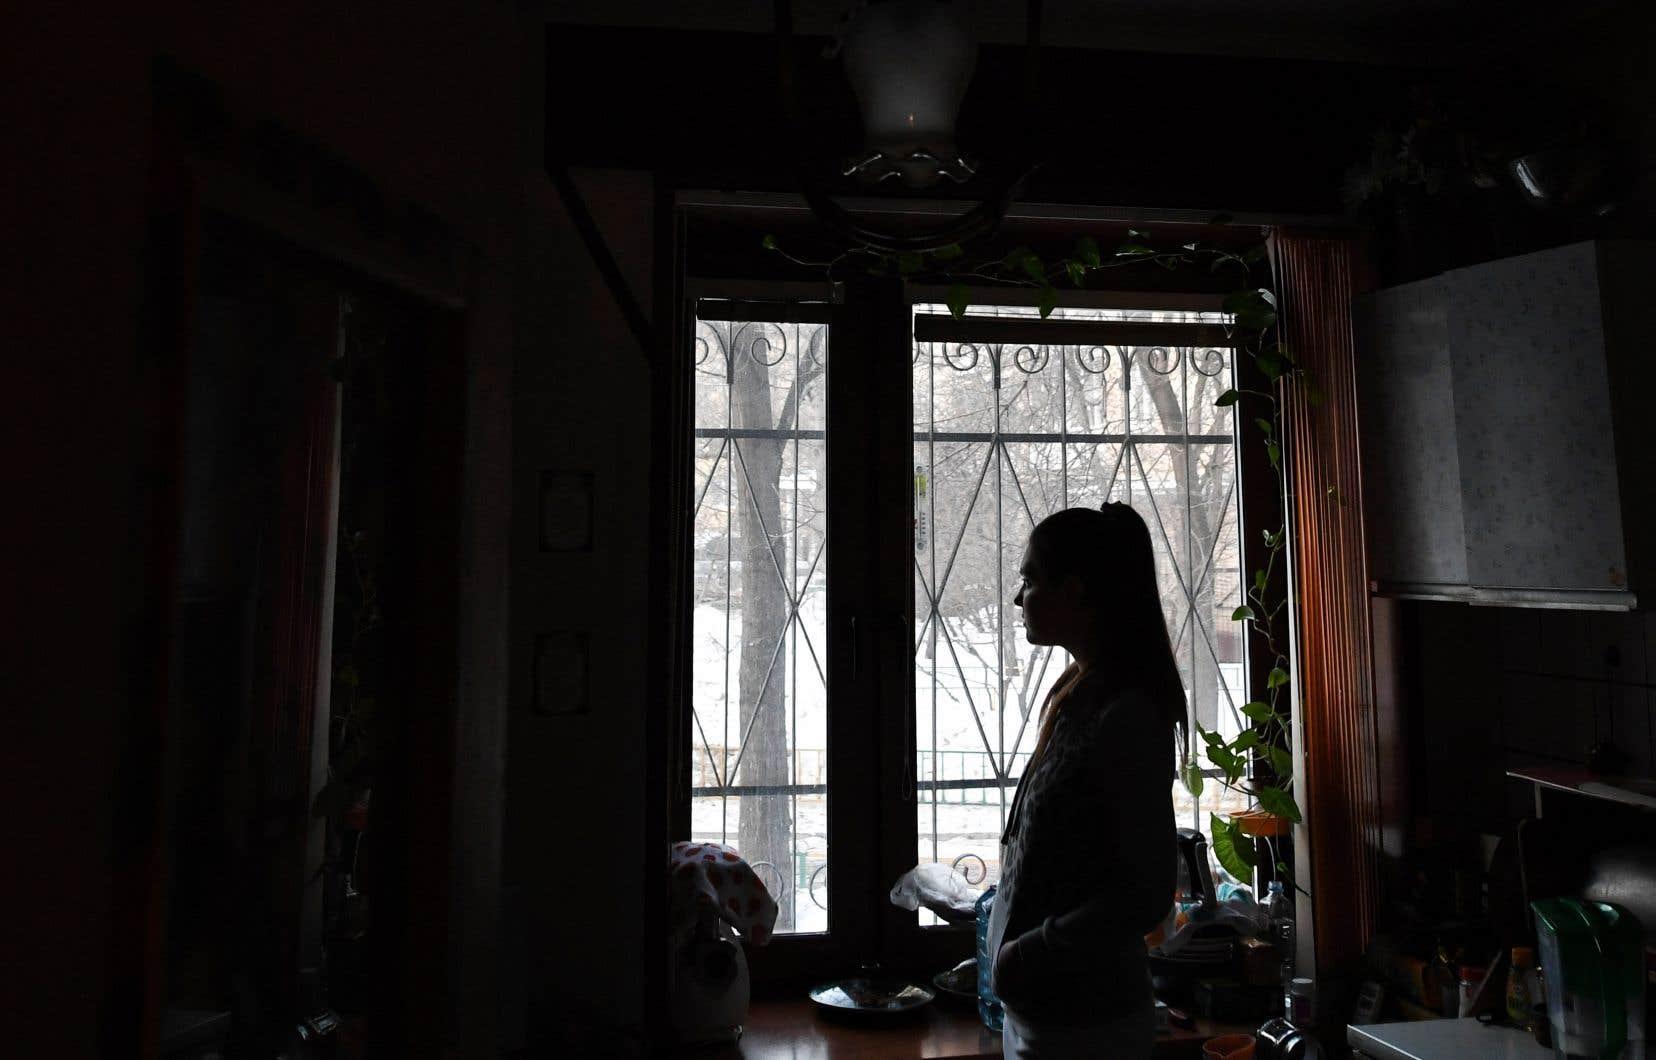 Alexandra Glebova ne connaît que trop bien le traumatisme de la violence domestique en Russie après avoir souffert pendant des années de violences physiques et psychologiques de la part de son père.